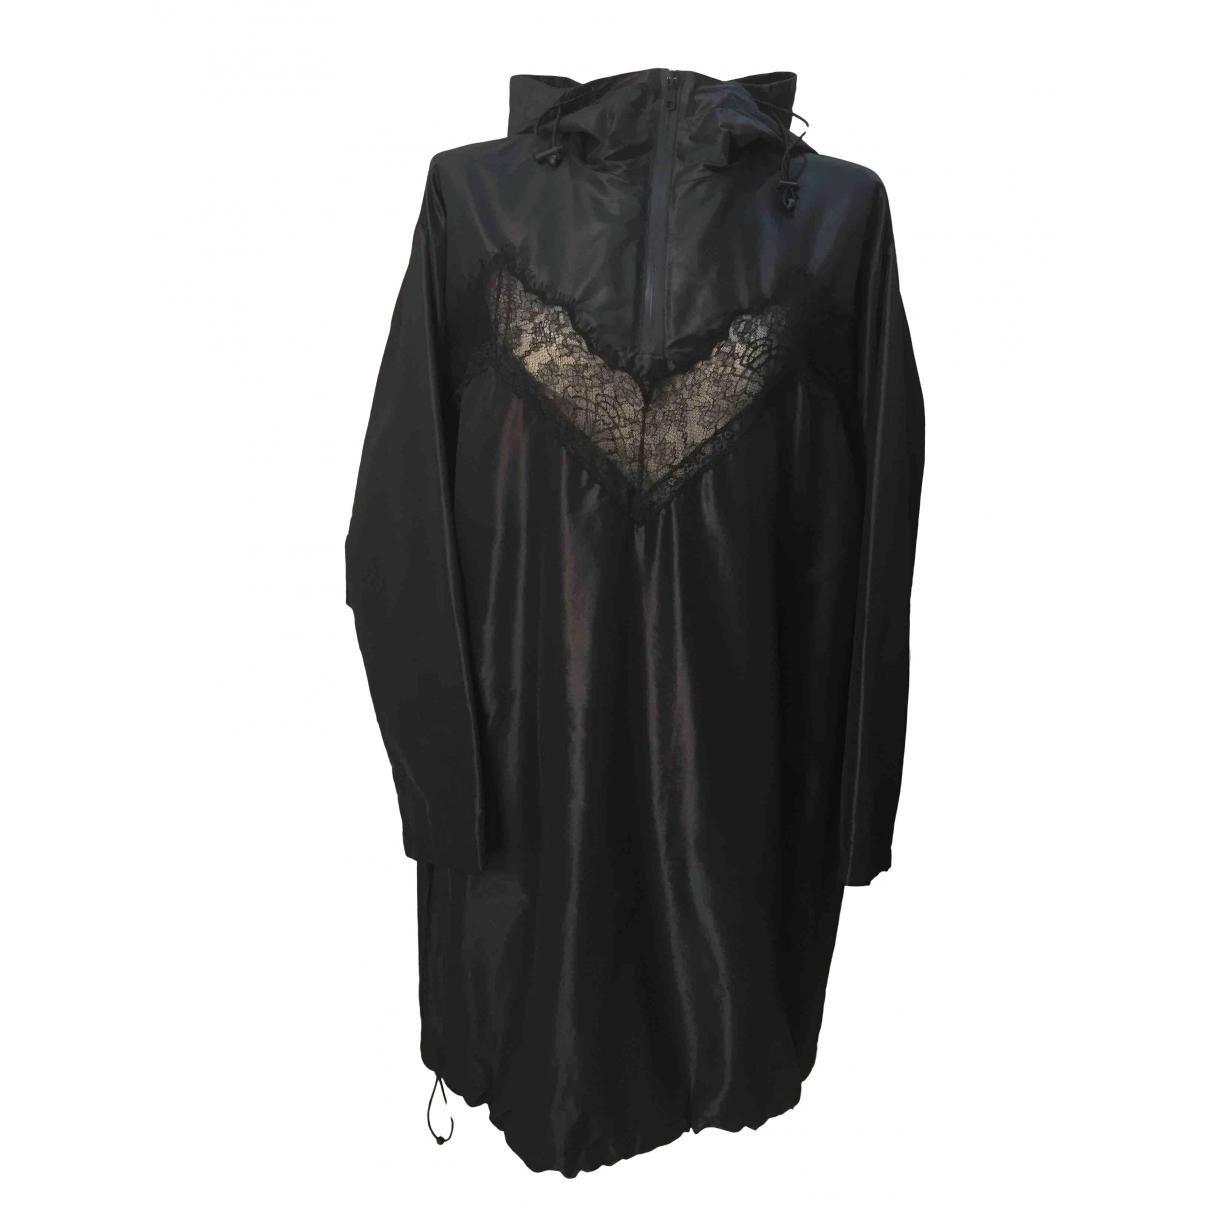 Maison Martin Margiela - Veste   pour femme en soie - noir